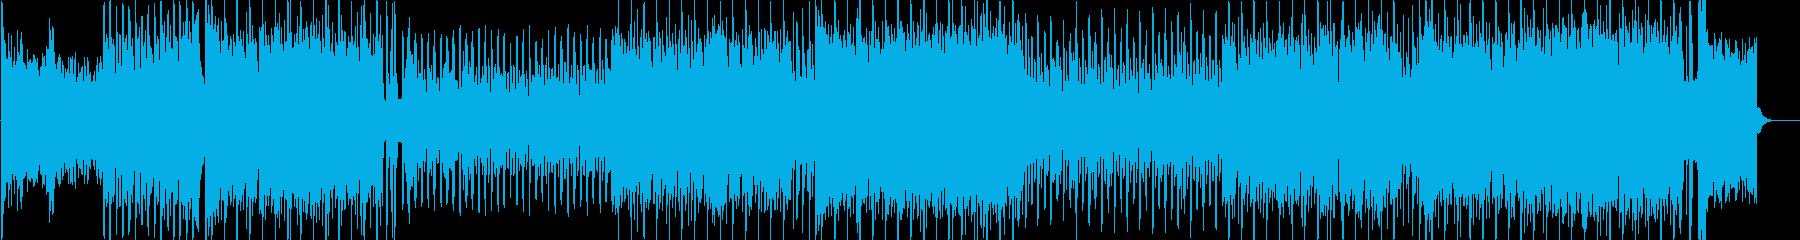 アイドルソング風キラキラポップ4つ打ちcの再生済みの波形